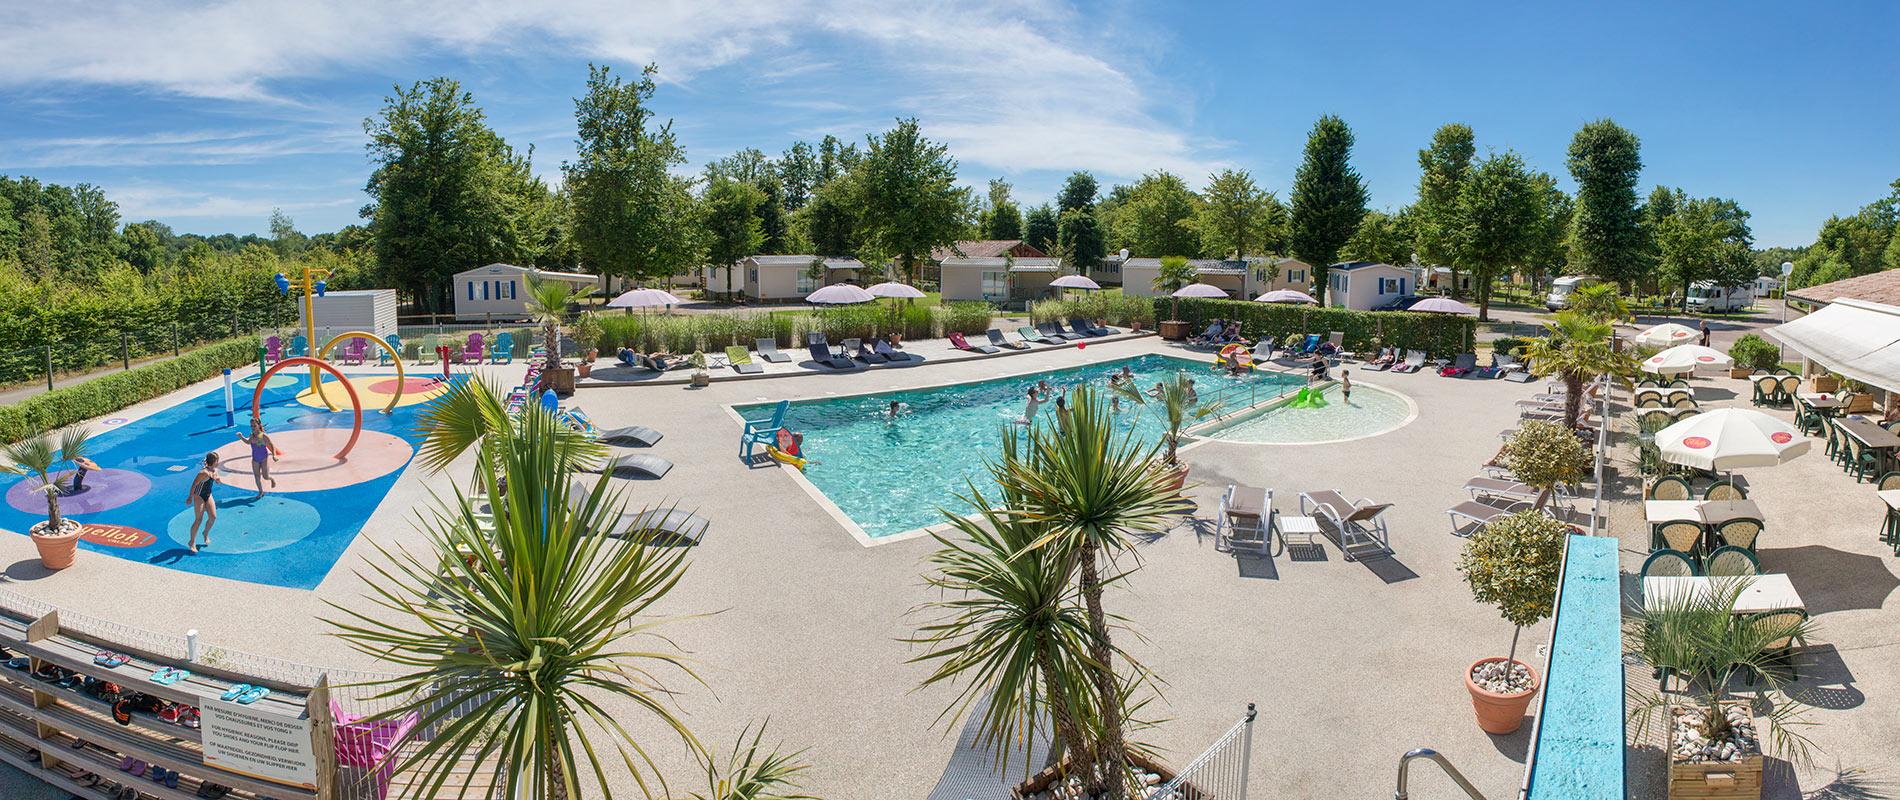 Camping yelloh en champagne vos vacances en campings for Camping lac du der avec piscine